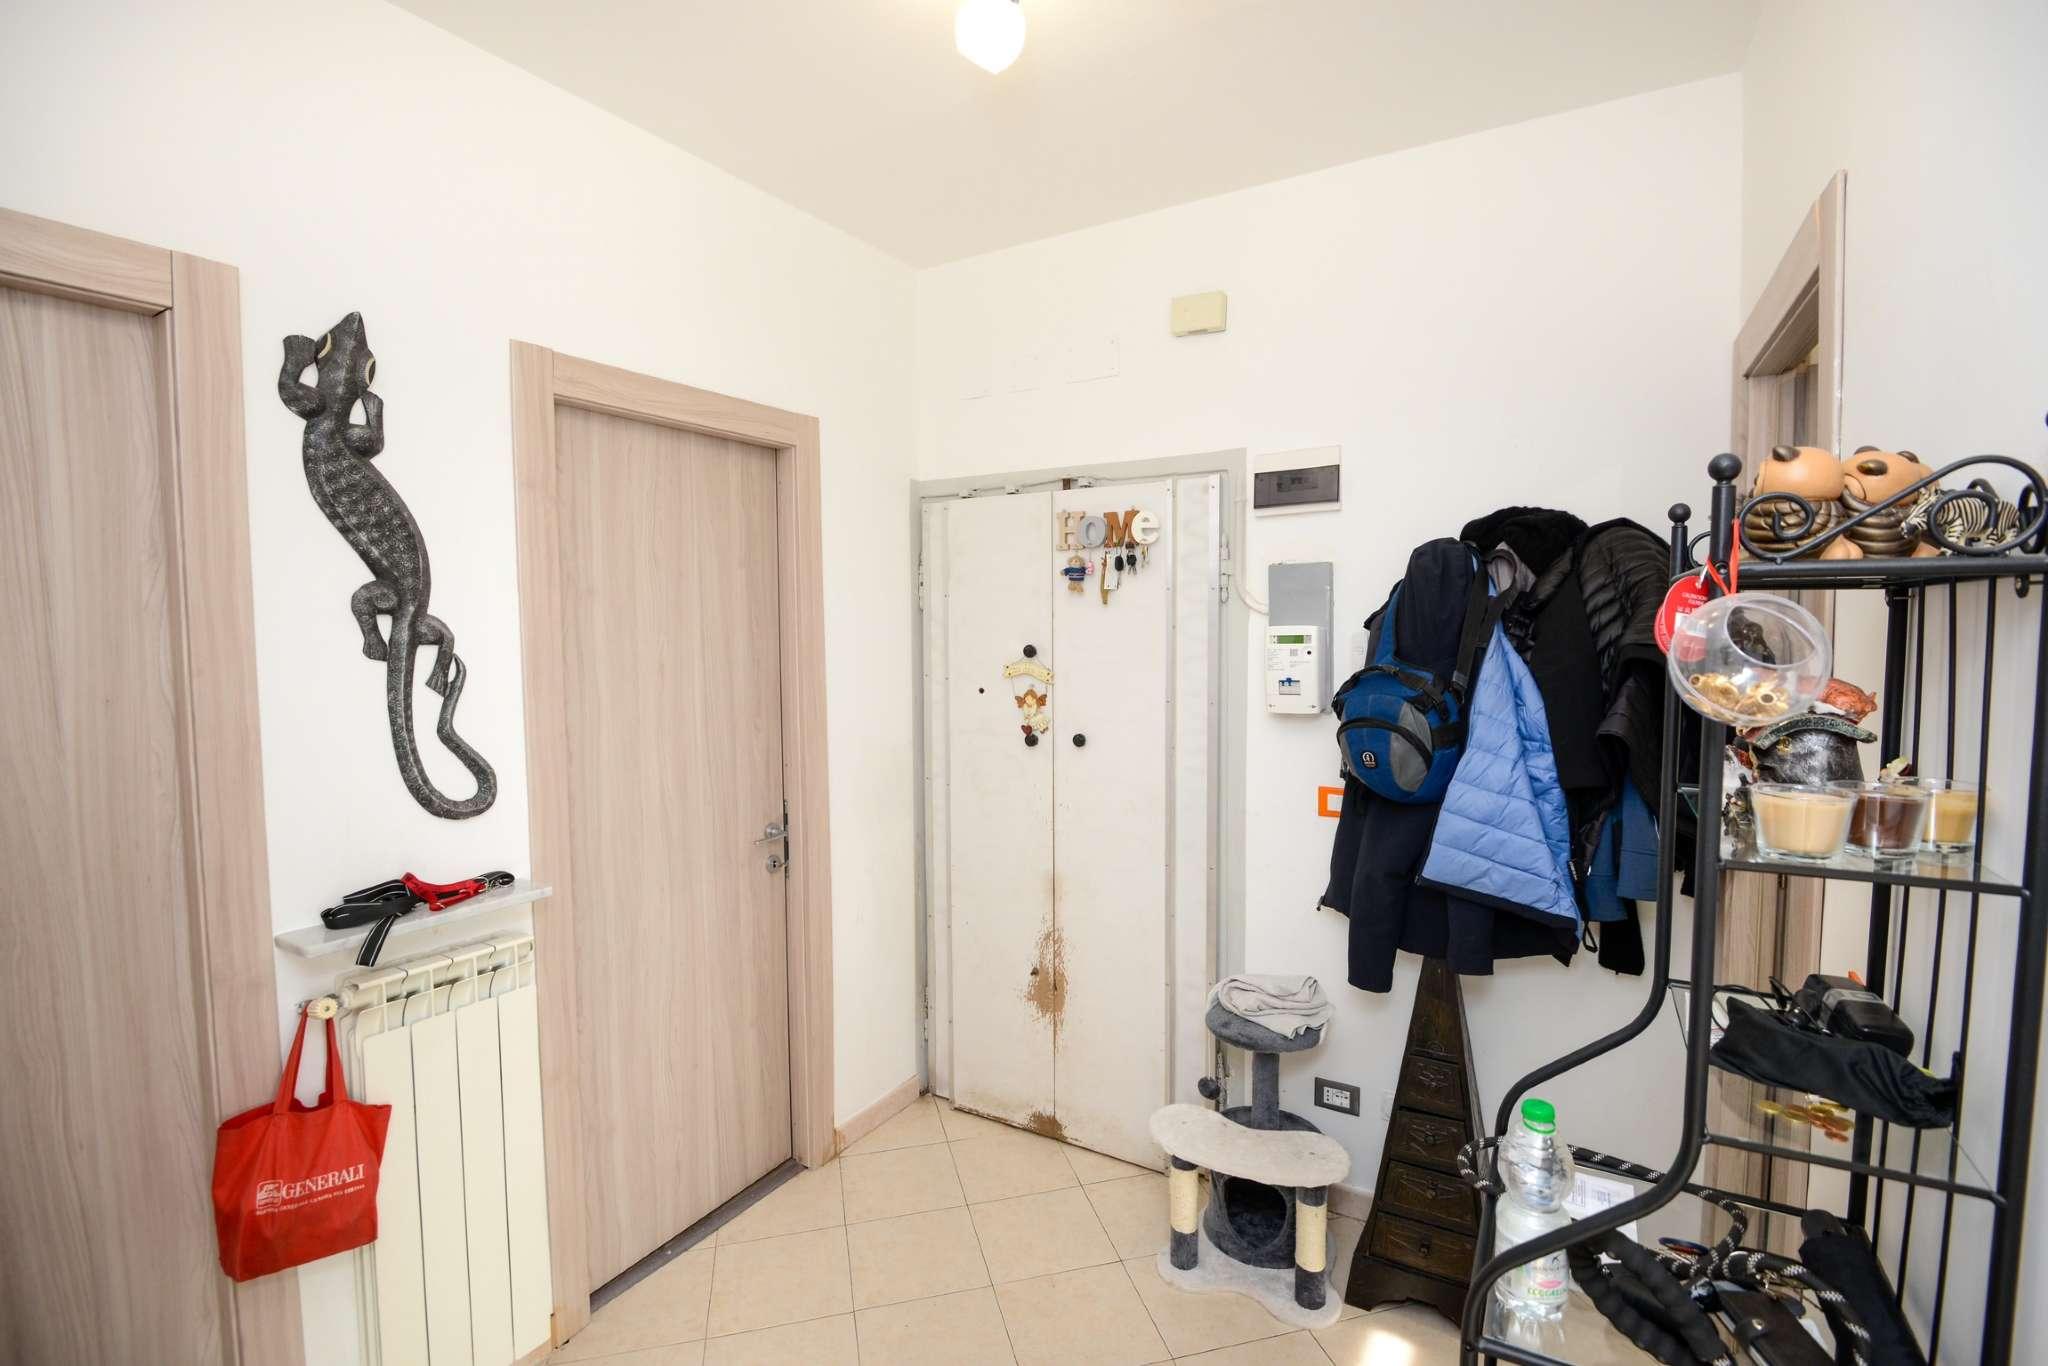 Arredo Bagno Genova Sestri Ponente.Appartamento Genova Vendita 58 000 Zona 13 Sestri Ponente Medio Cambiocasa It